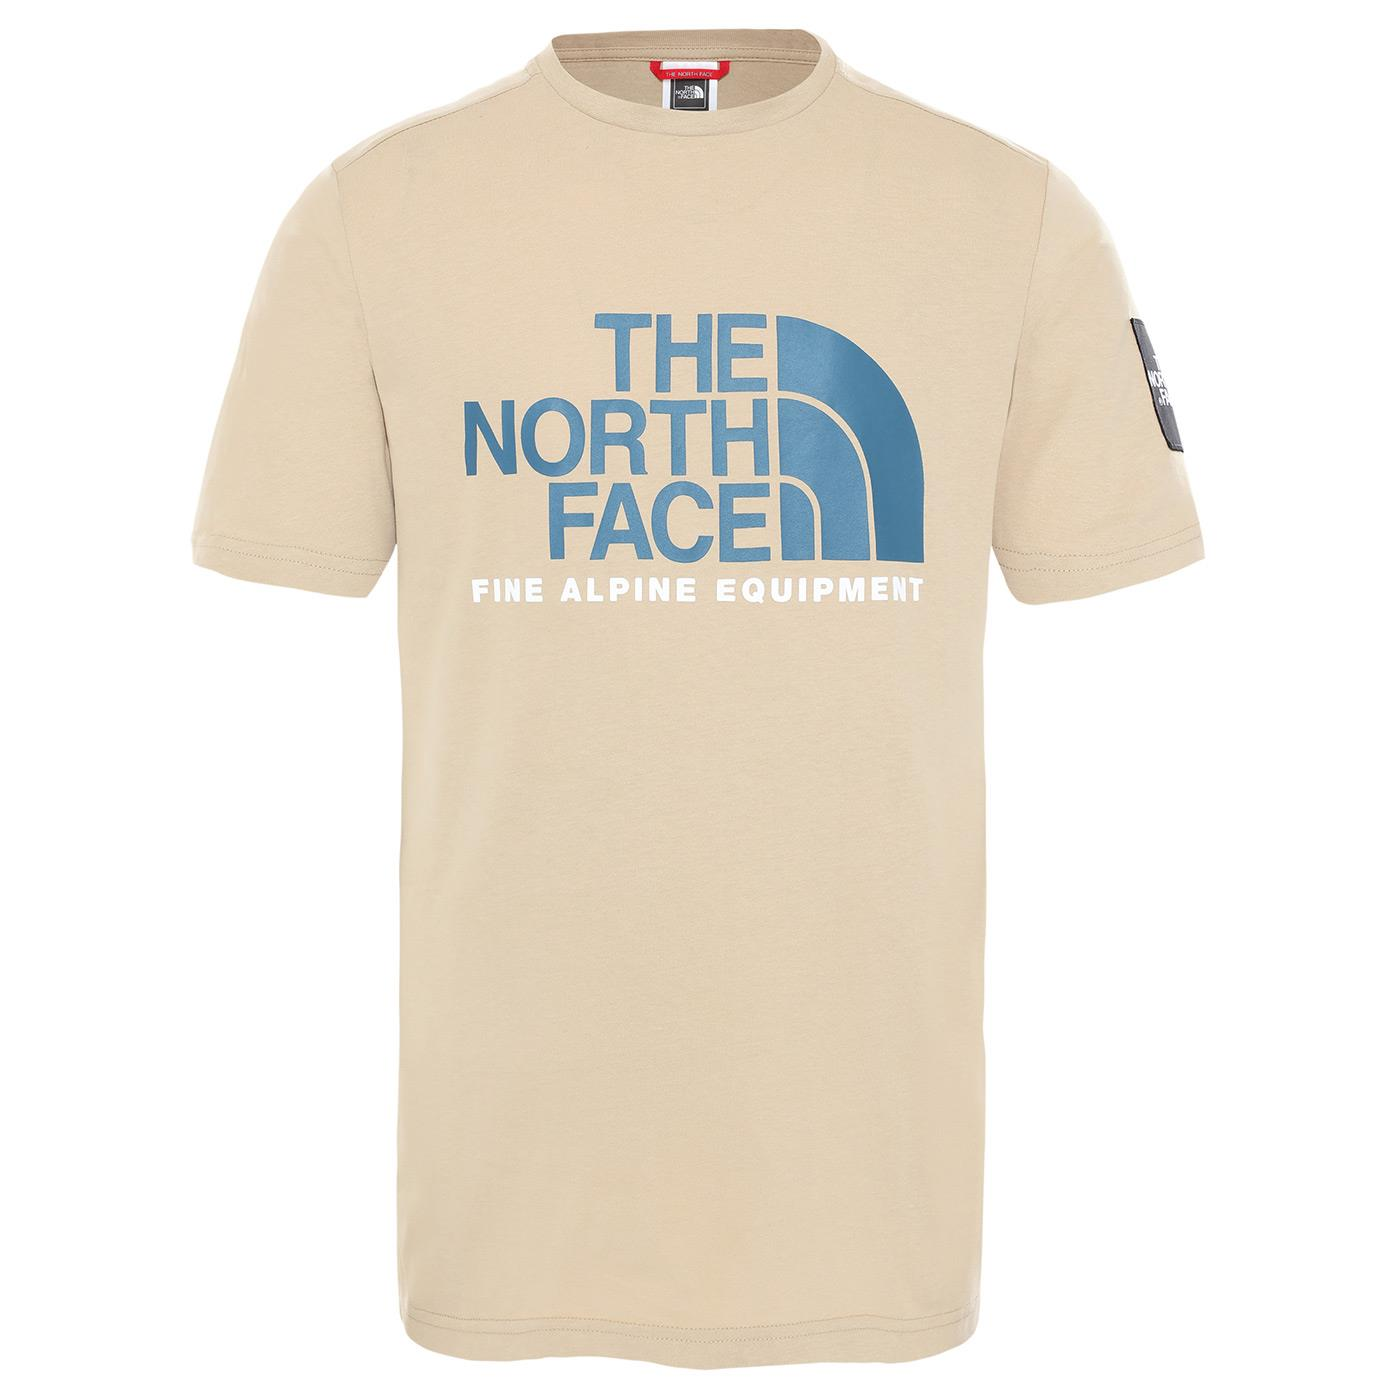 The Northface Erkek SS FINE ALP Tişört  2 NF0A4M6NH7E1